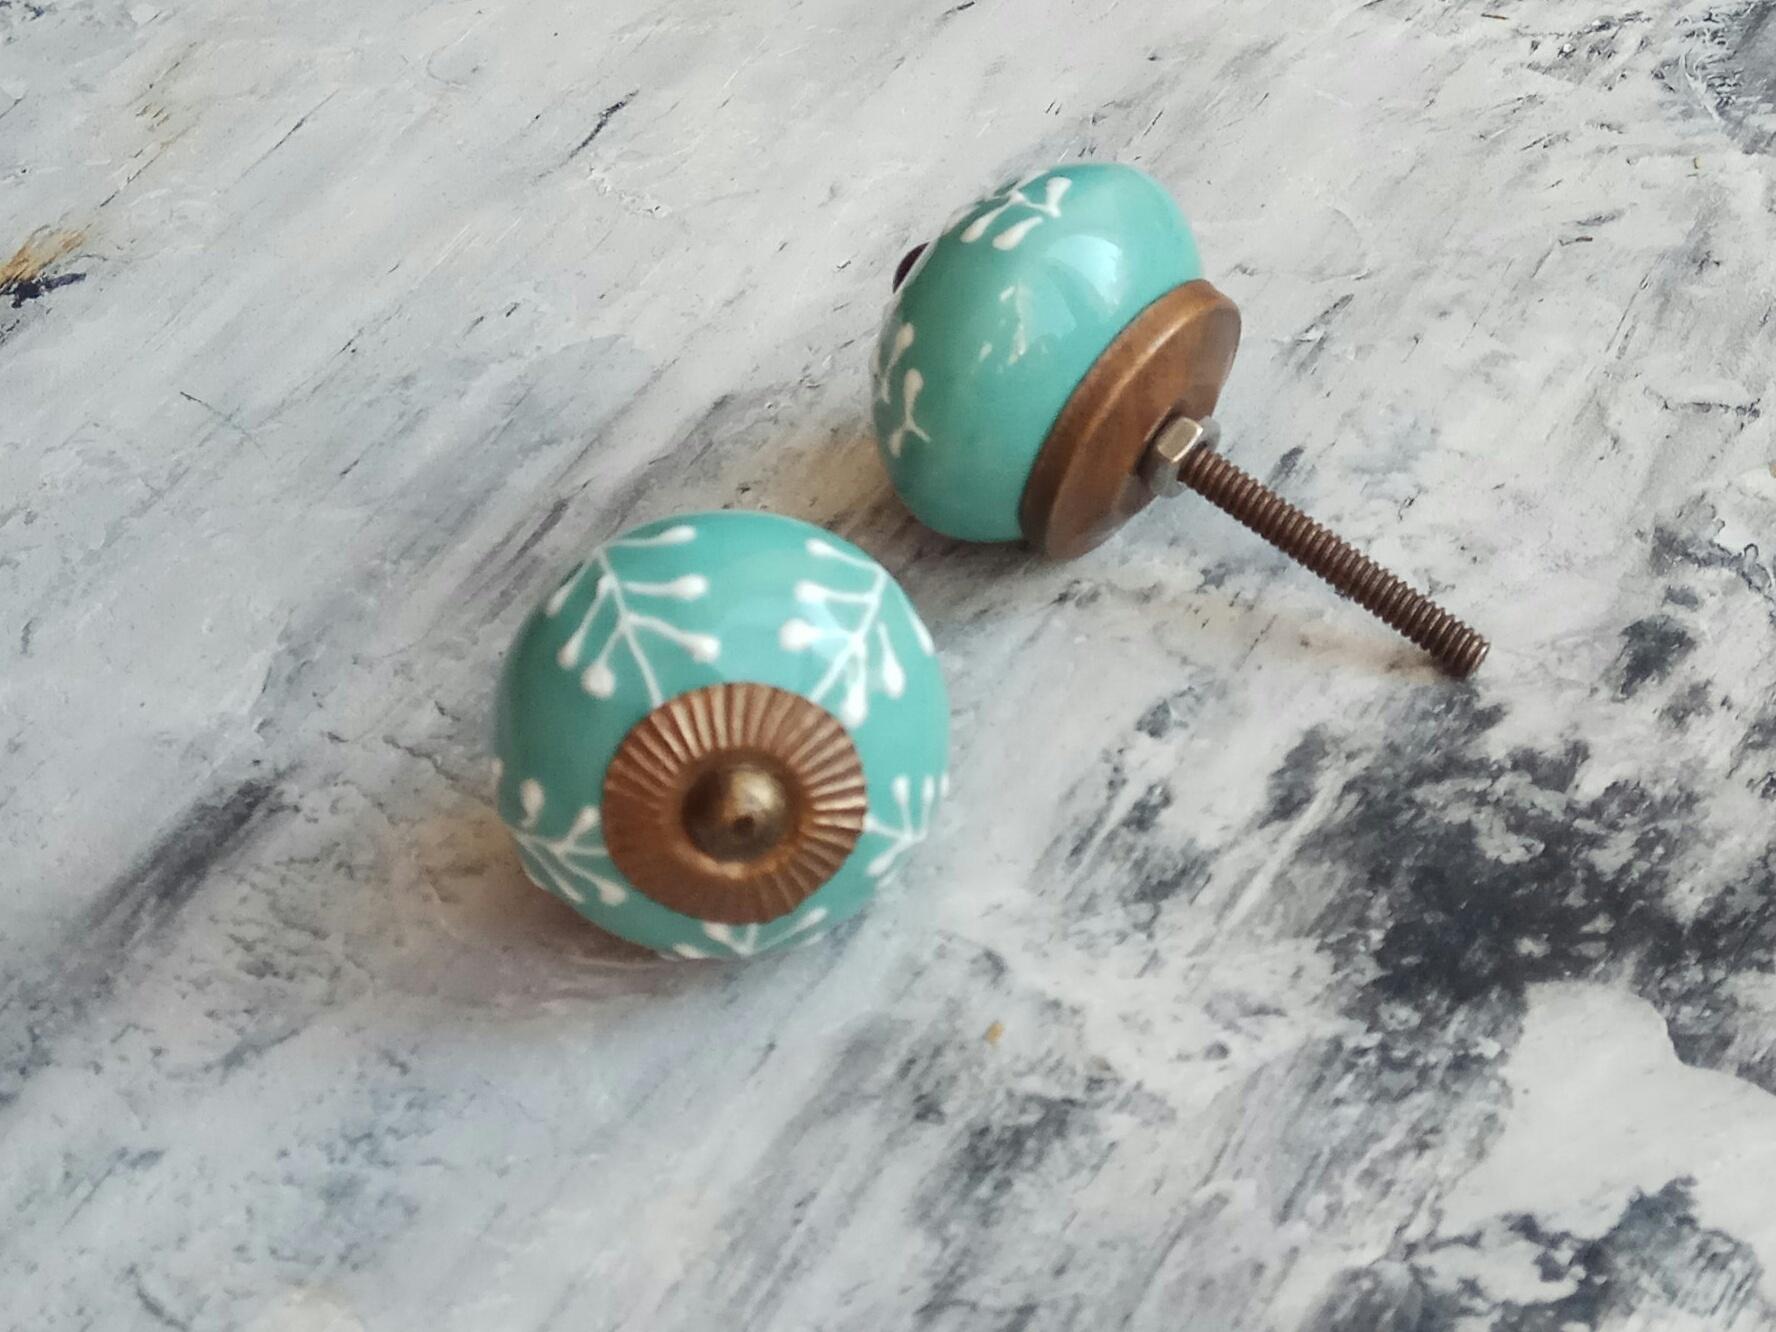 Ручка мебельная керамическая   - цвета морской волны с белым узором